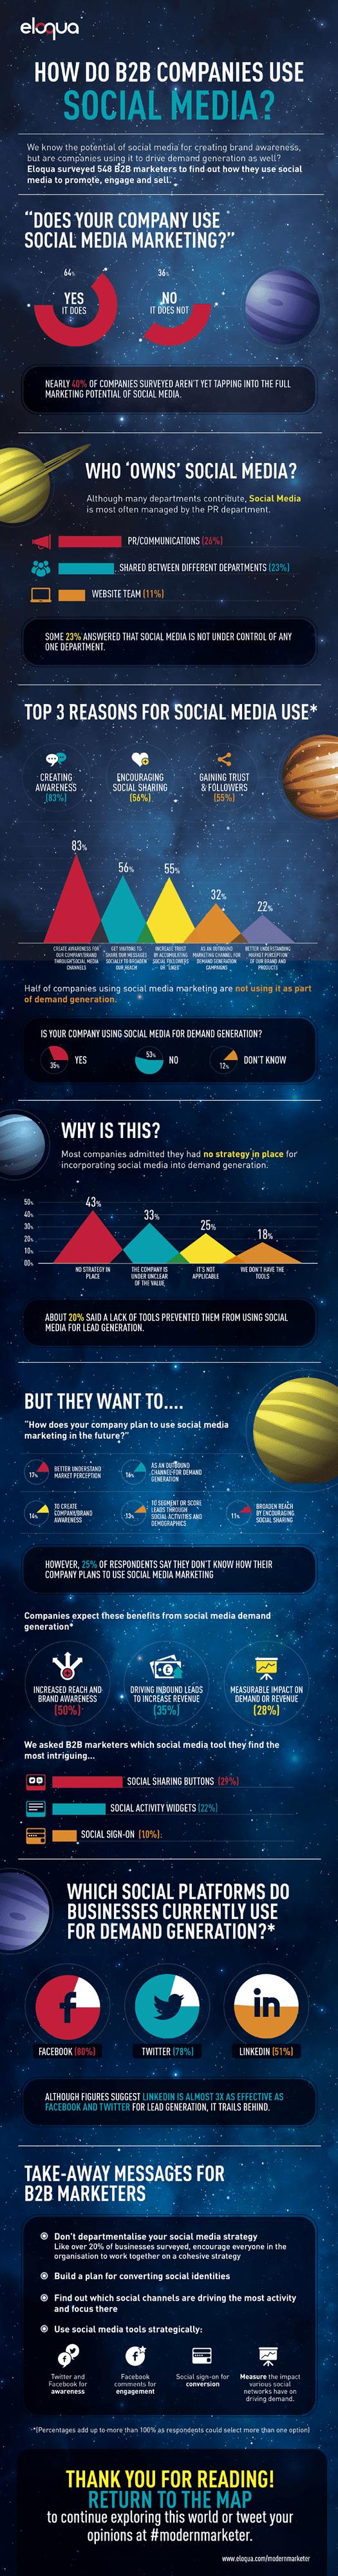 How-Do-B2B-Companies-Use-Social-Media-560